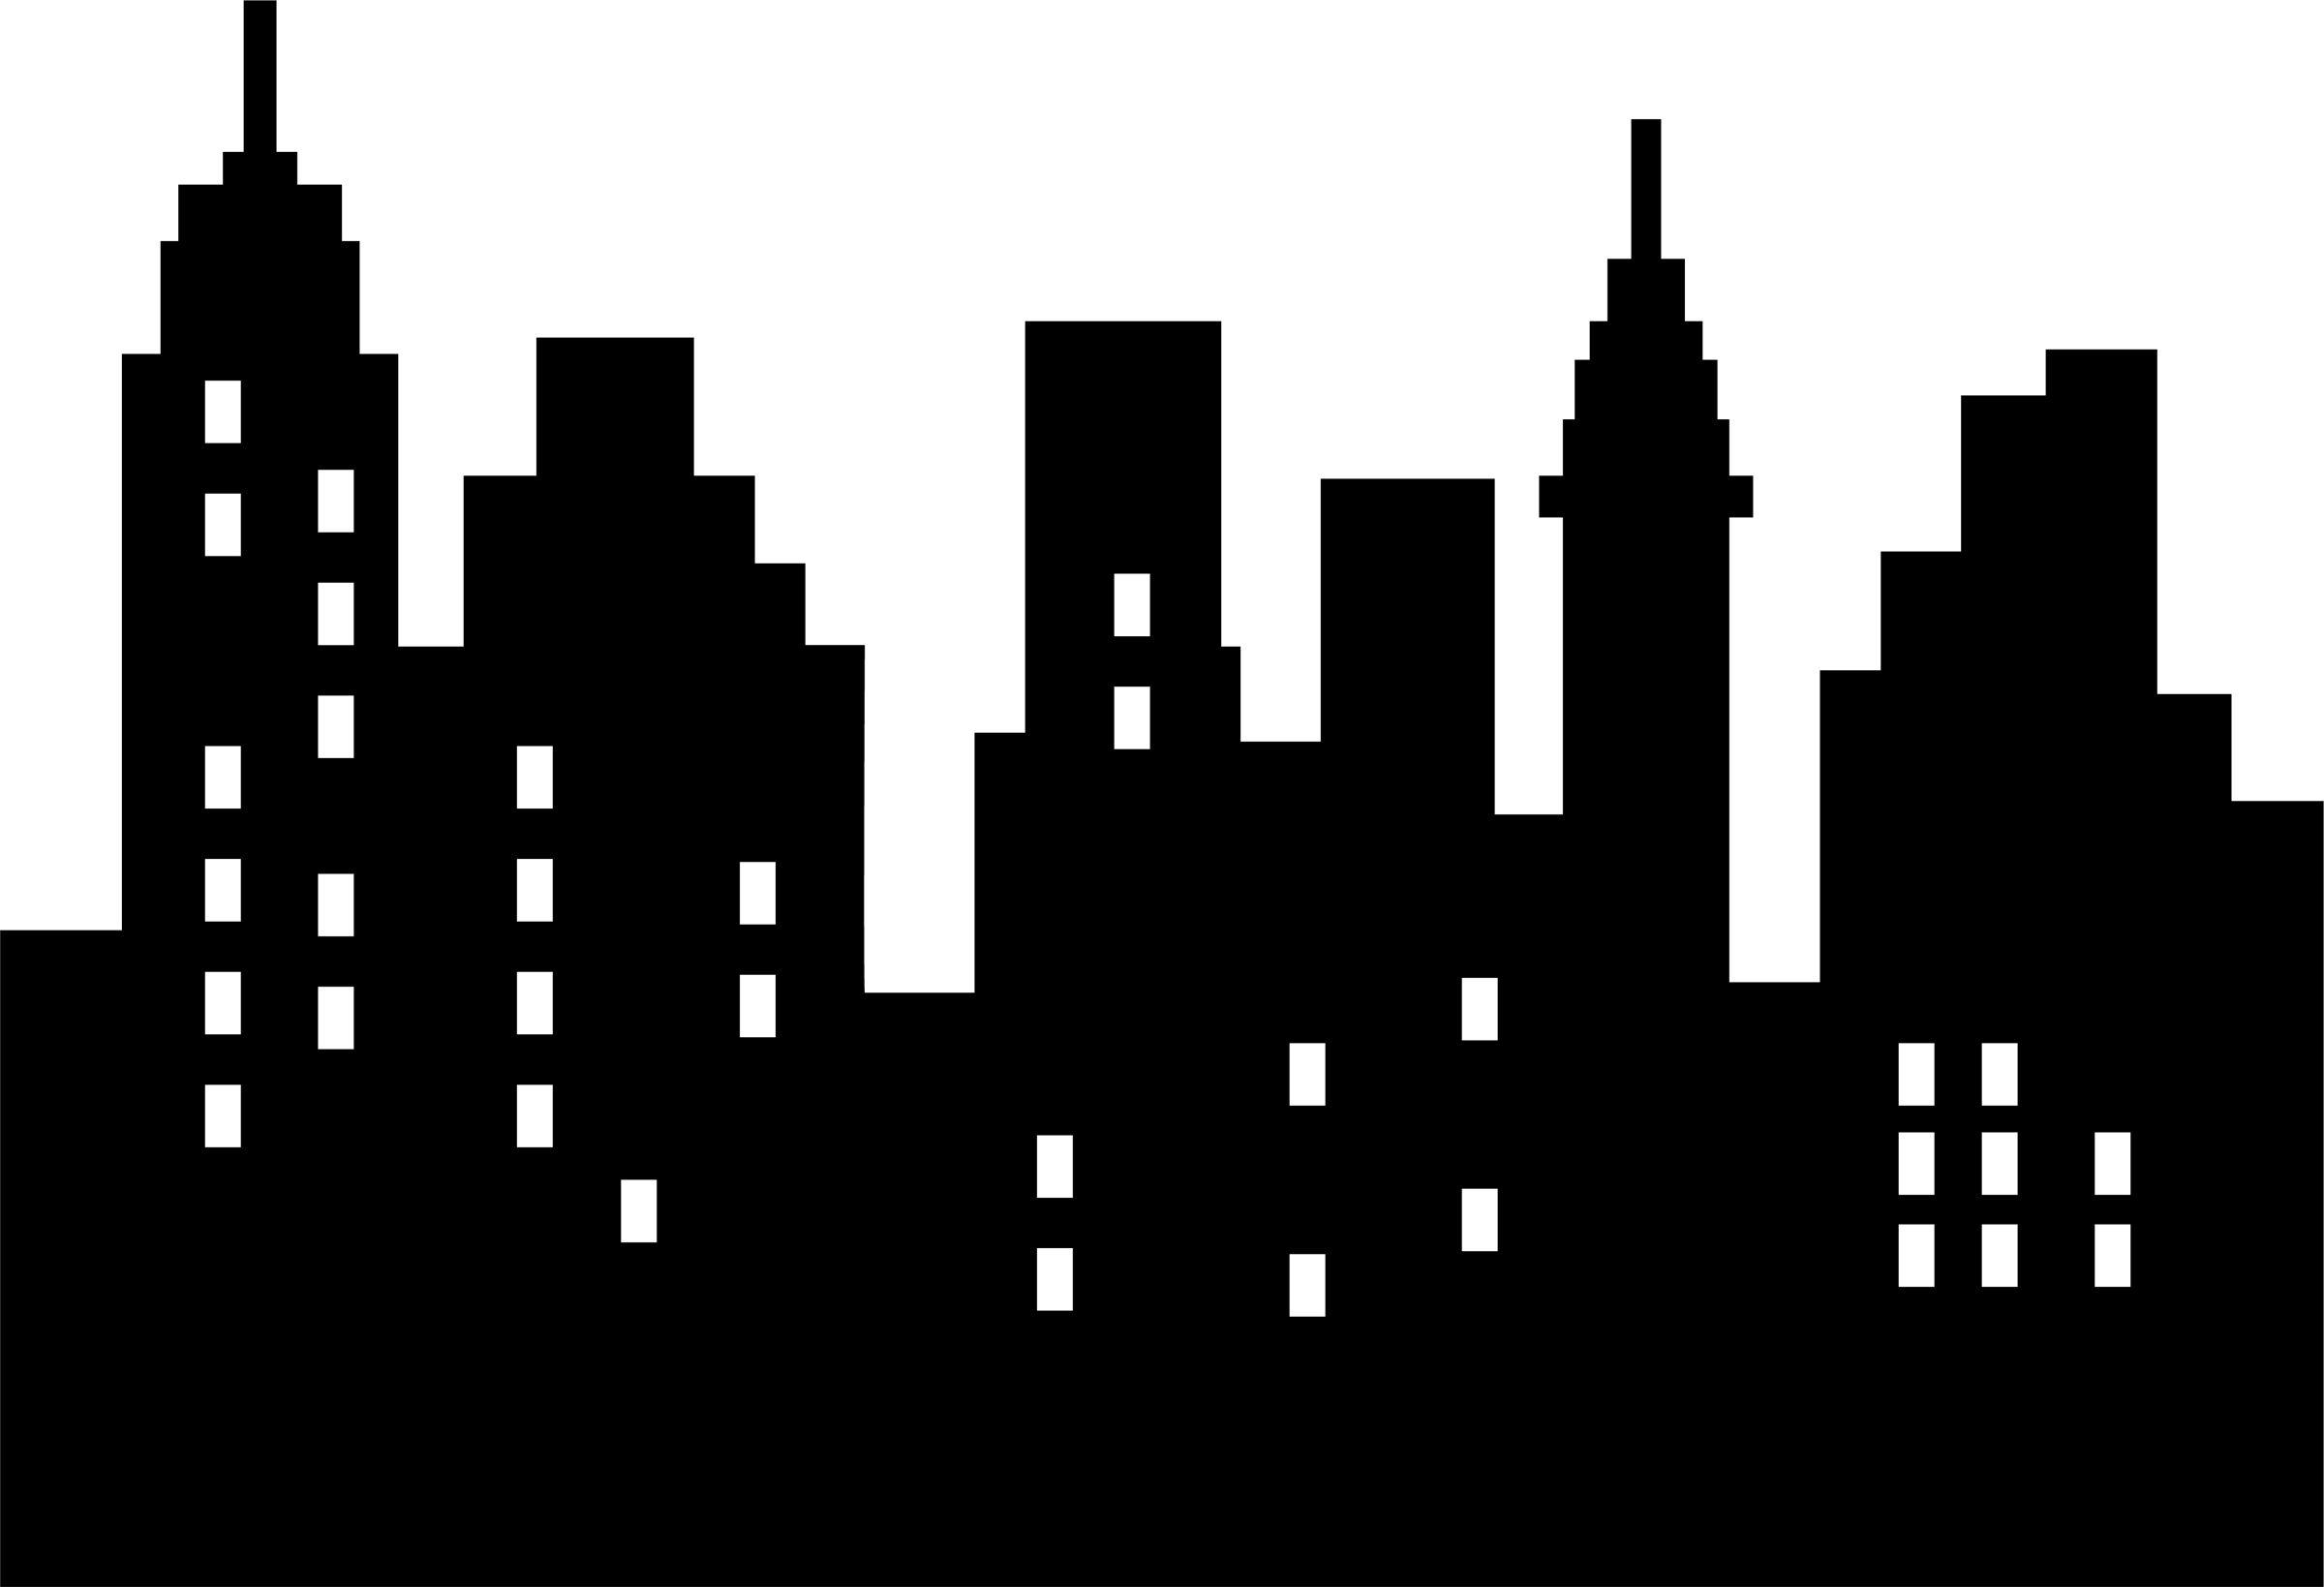 free superhero background clipart city scape clipartfest 2400x1639 rh pinterest com city clipart landscape city clipart landscape